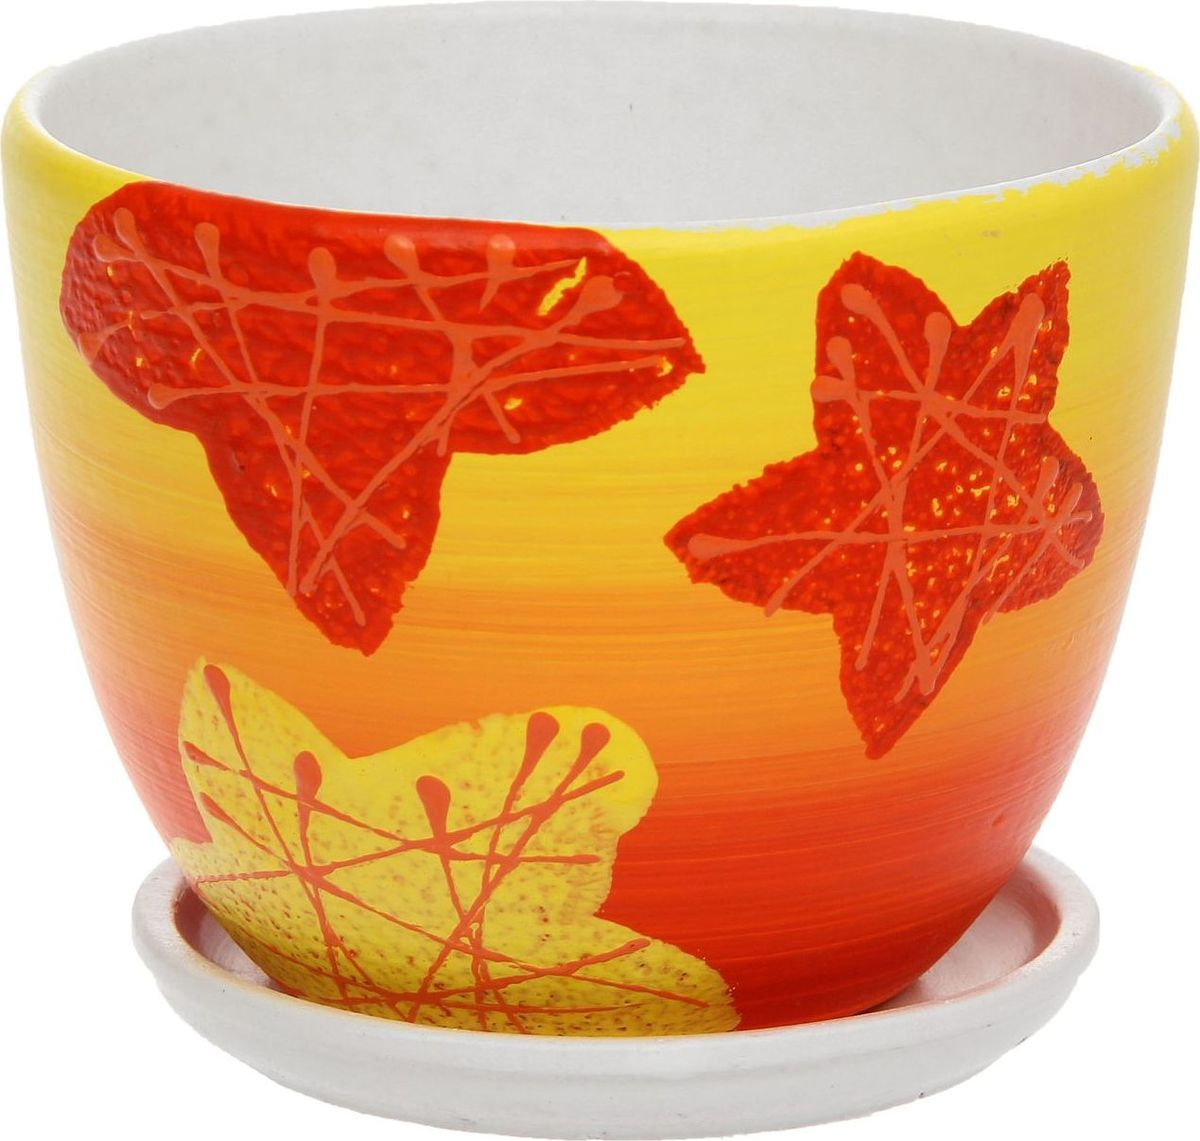 Кашпо Биколор, цвет: красный, 0,6 л1138528Комнатные растения — всеобщие любимцы. Они радуют глаз, насыщают помещение кислородом и украшают пространство. Каждому из них необходим свой удобный и красивый дом. Кашпо из керамики прекрасно подходят для высадки растений: за счёт пластичности глины и разных способов обработки существует великое множество форм и дизайновпористый материал позволяет испаряться лишней влагевоздух, необходимый для дыхания корней, проникает сквозь керамические стенки! #name# позаботится о зелёном питомце, освежит интерьер и подчеркнёт его стиль.